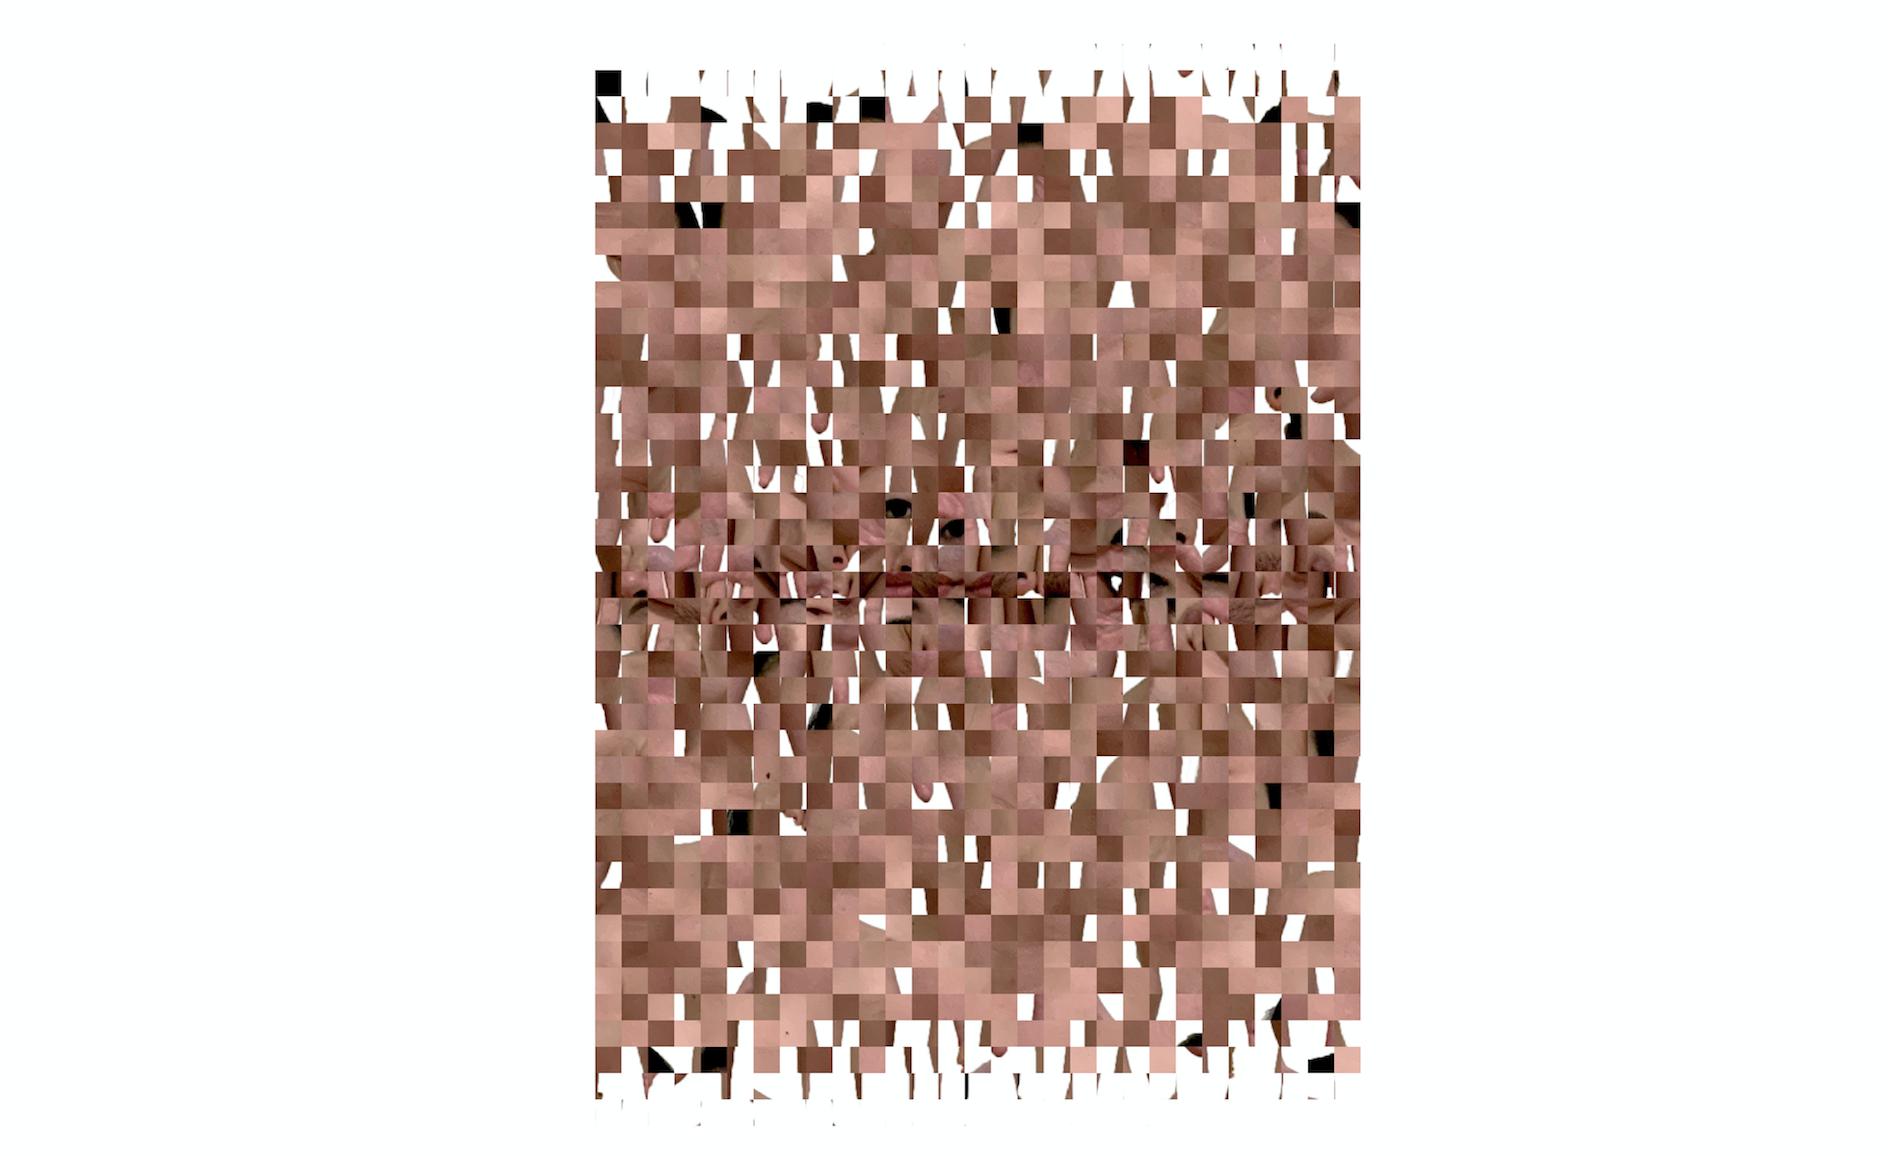 - algorithmic animal gaze